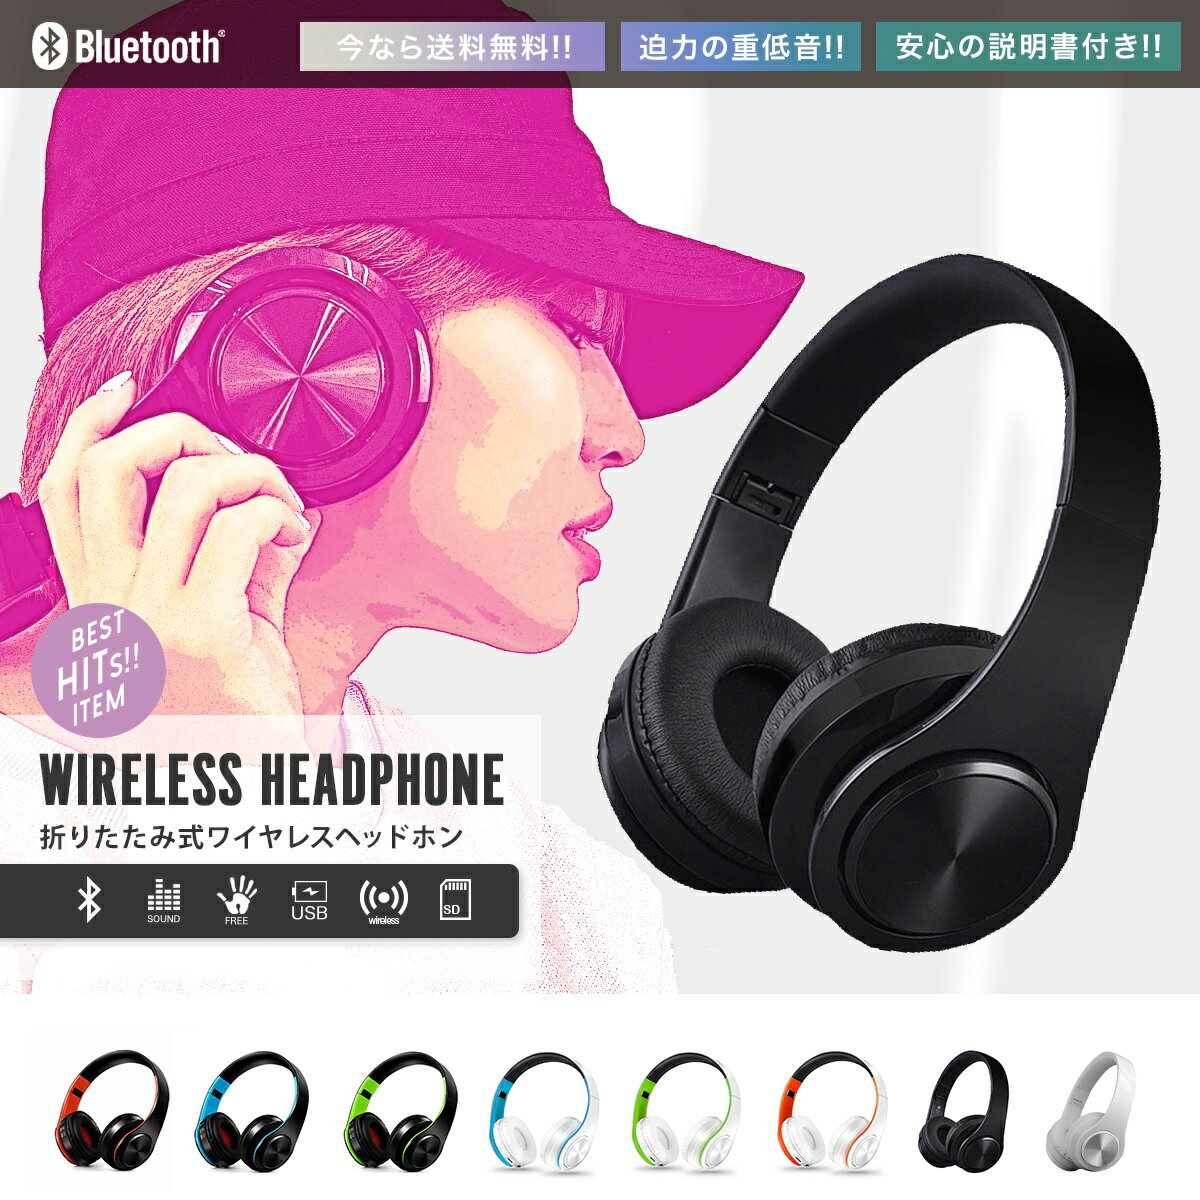 ワイヤレス ヘッドホン 密閉型 Bluetooth ブルートゥース ヘッドフォン 折りたたみ式 ハンズフリー通話 高音質 重低音 ゲーム ワークアウト 日本語説明書付き 送料無料 シンプル おしゃれ 新色 音楽